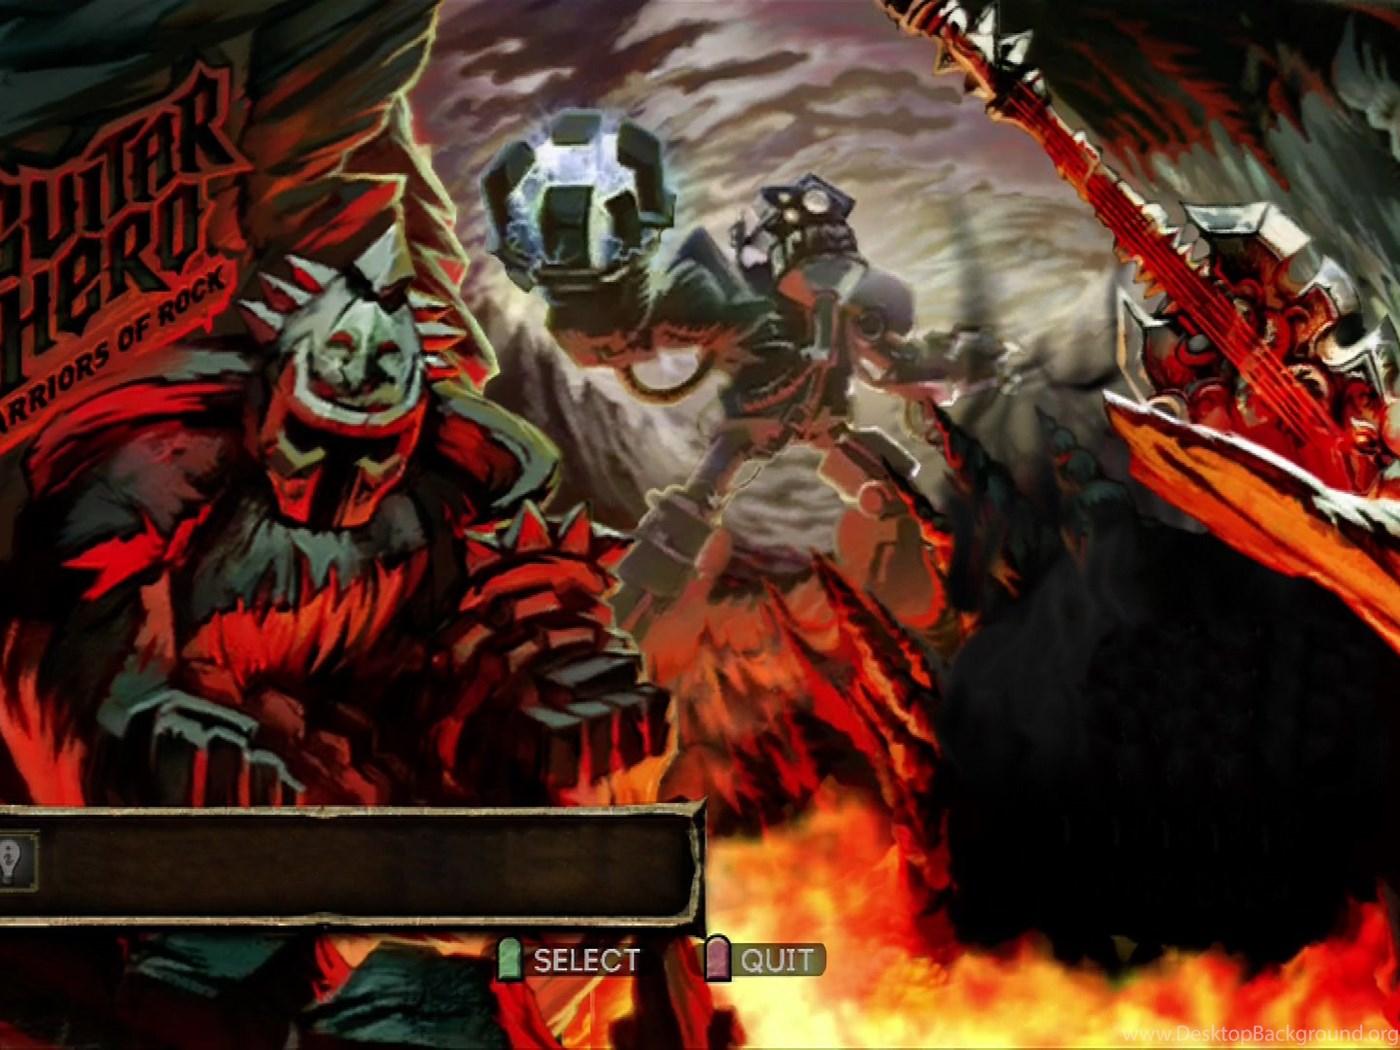 Guitar Hero Warriors Of Rock Wallpapers Desktop Background